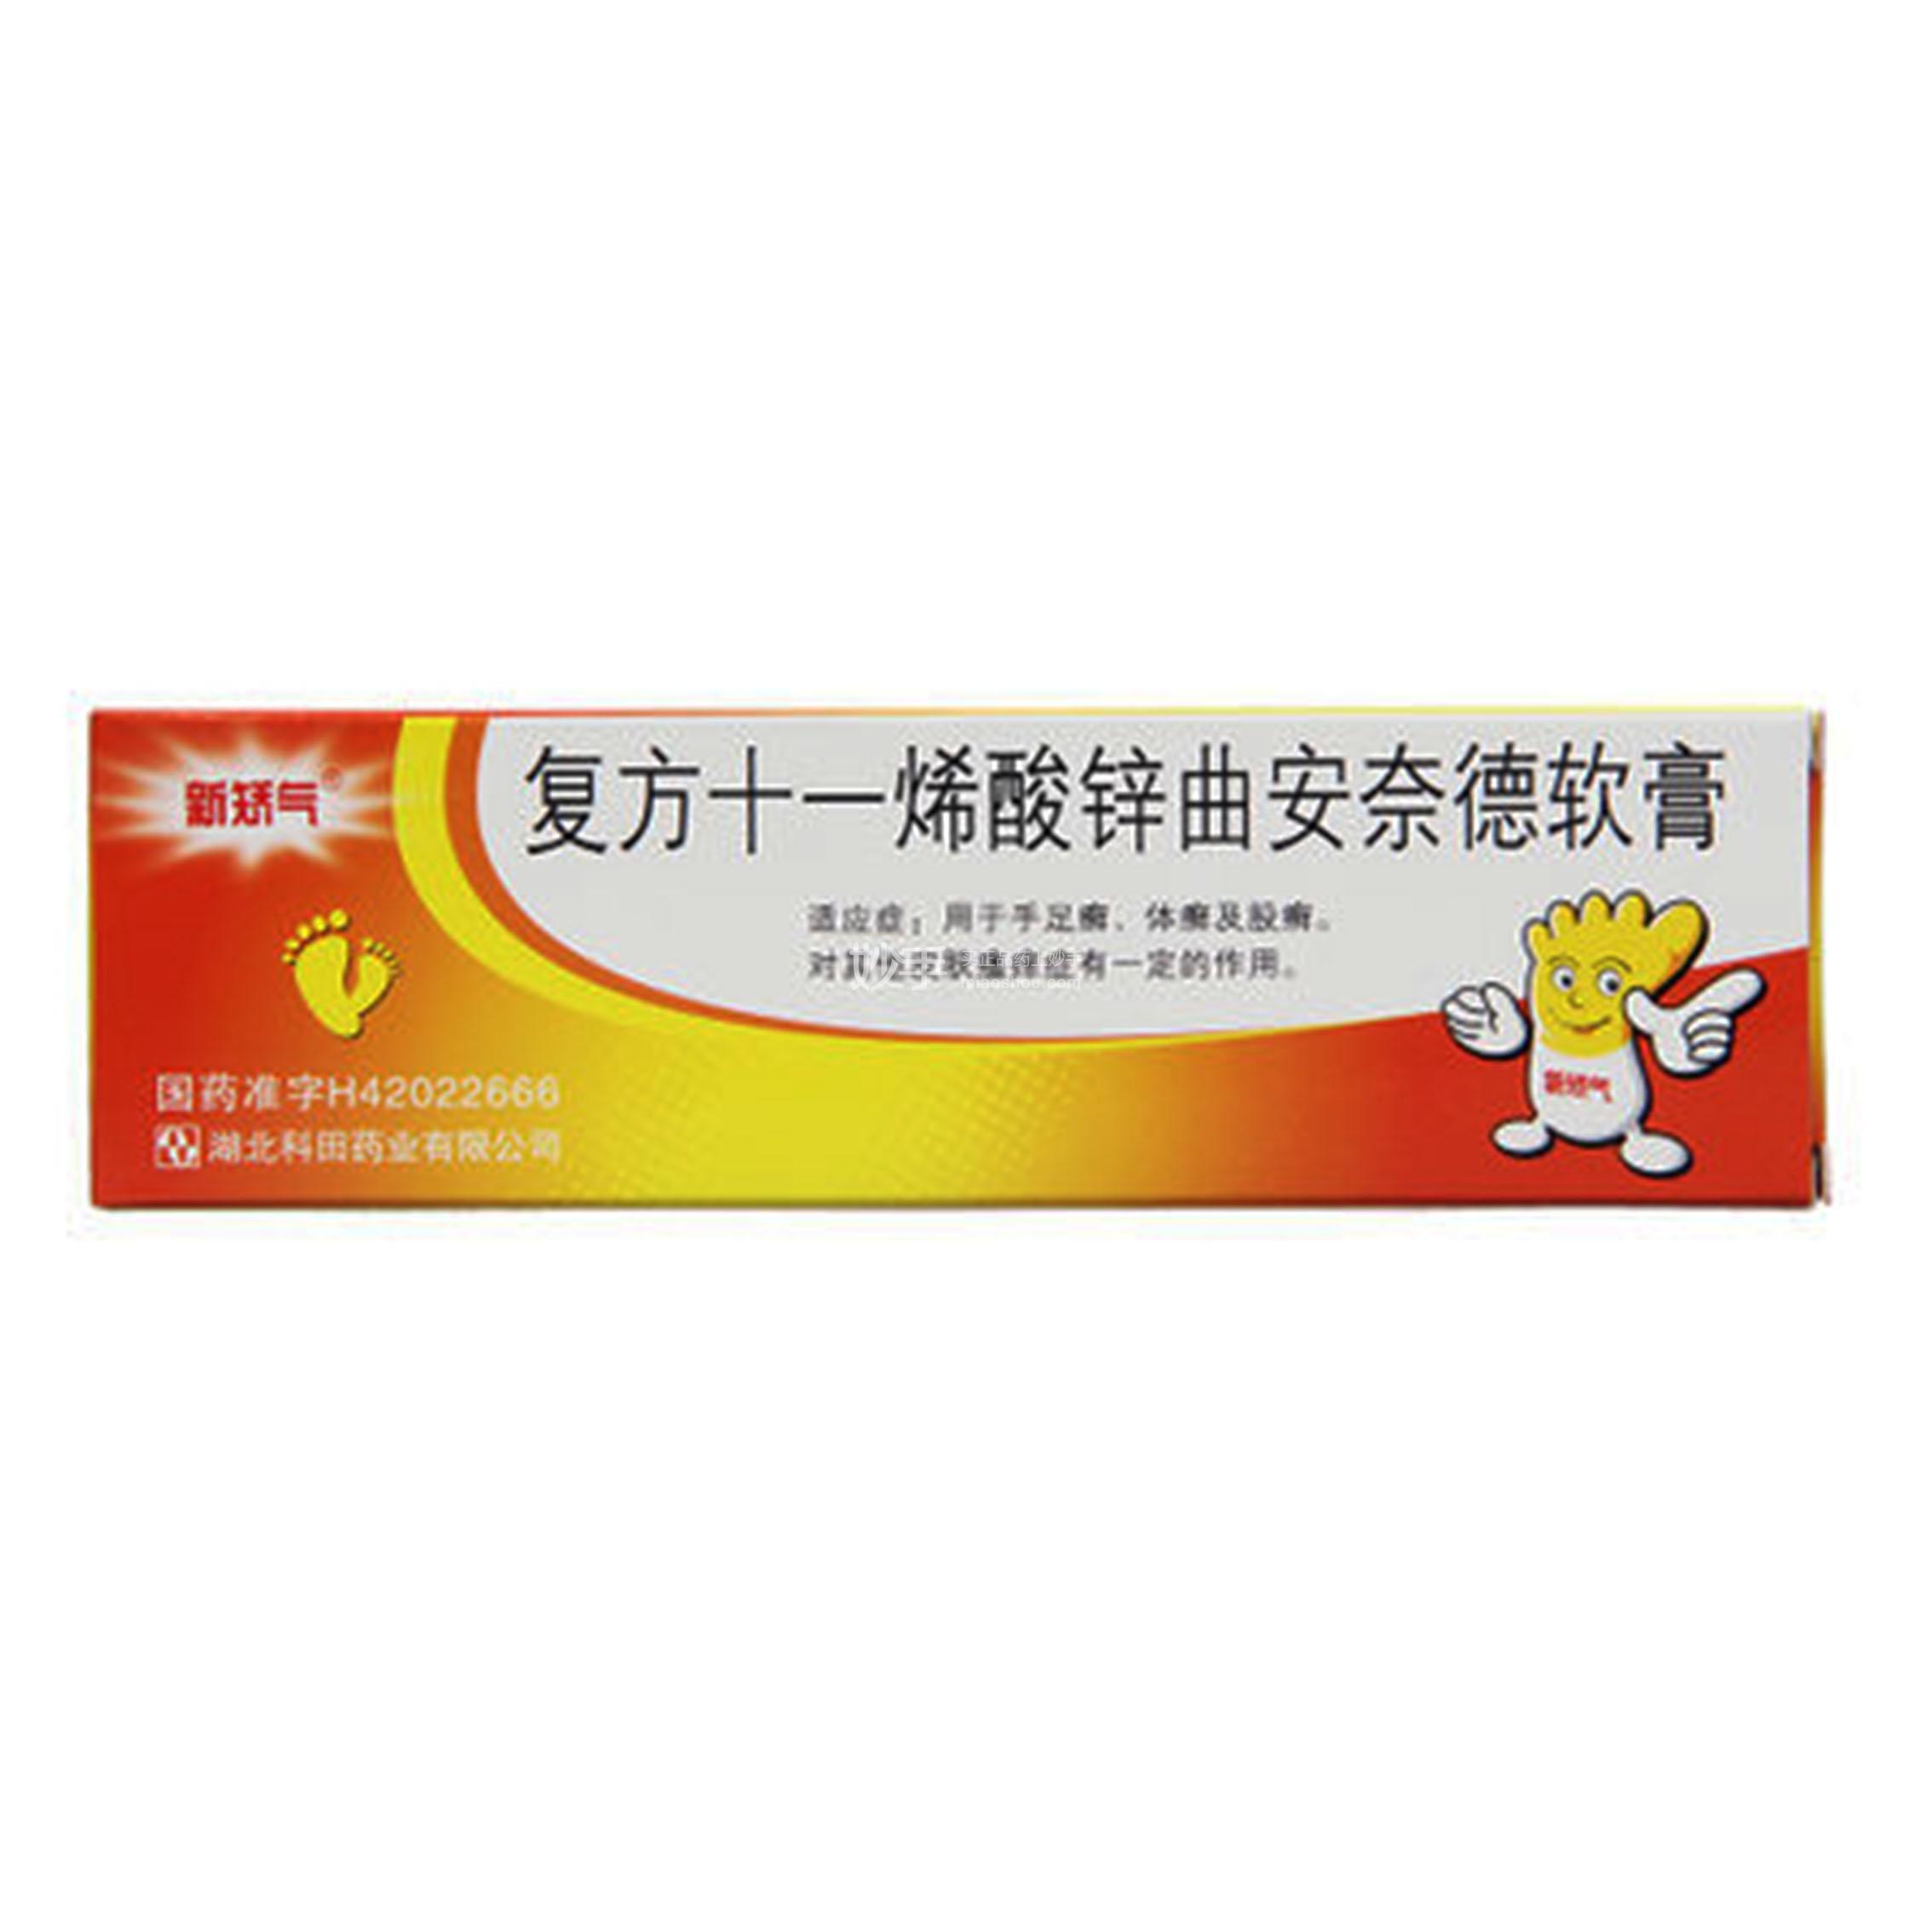 【新矫气】复方十一烯酸锌曲安奈德软膏25g